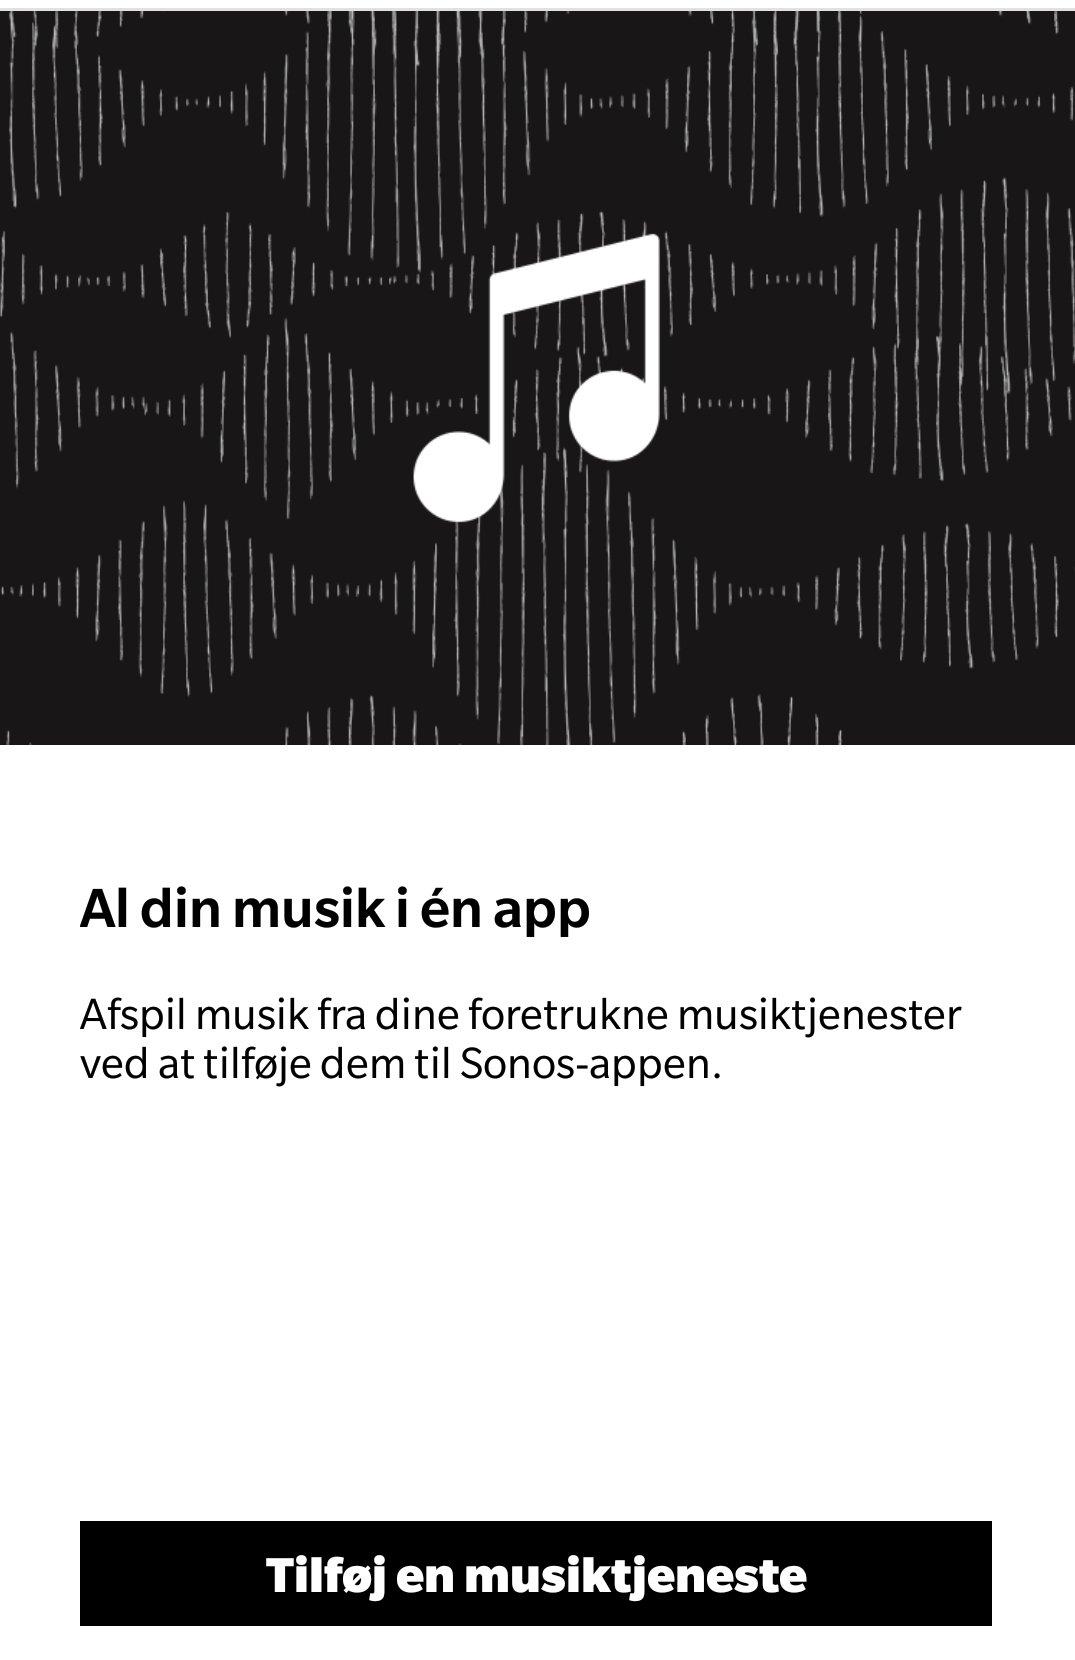 Sonos One app musiktjenester